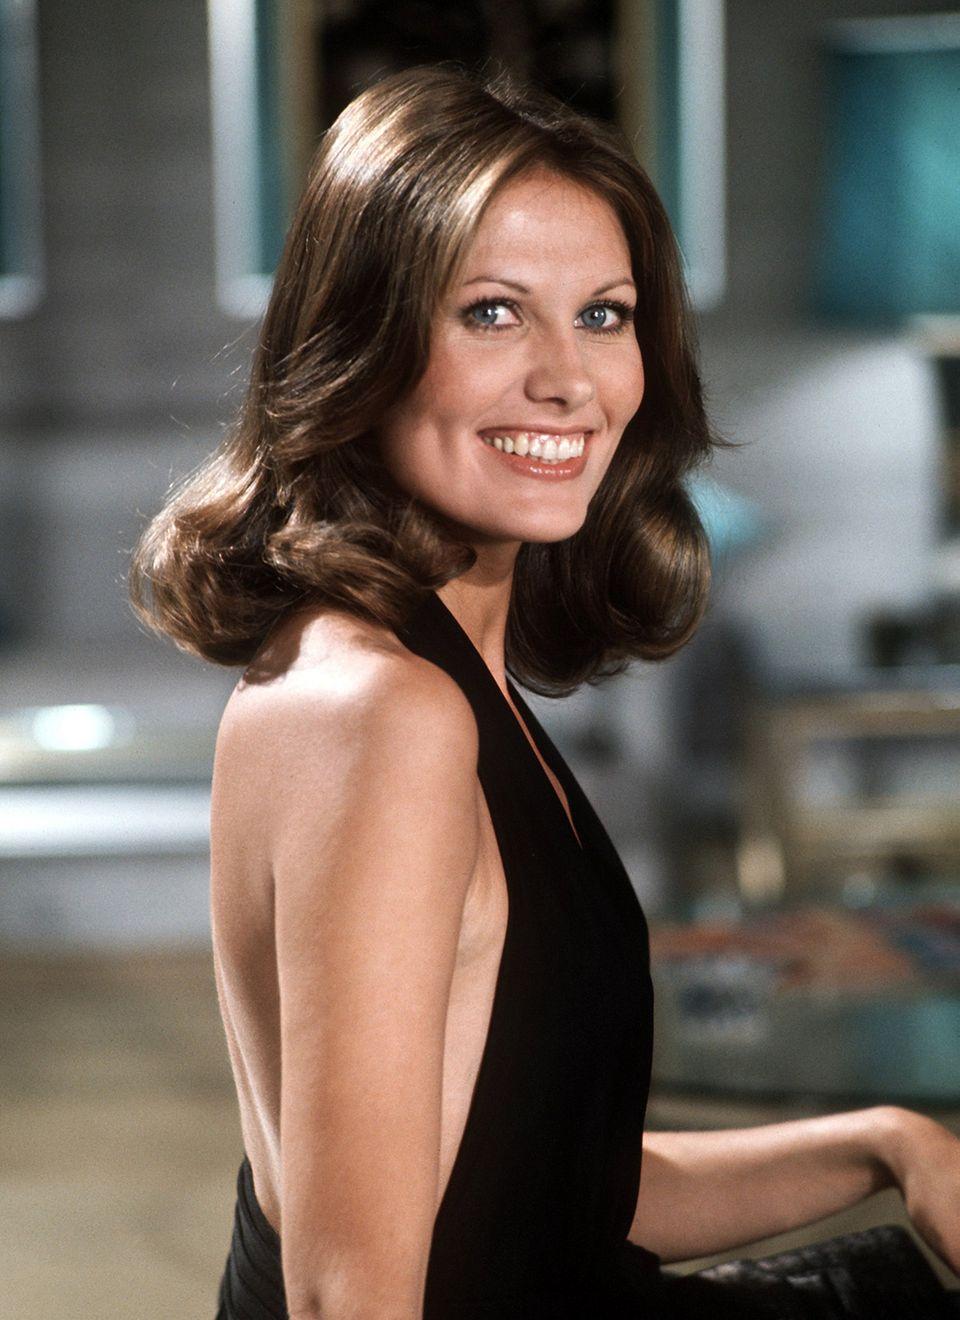 """Als """"Andrea Anders"""" trifft die brünette Maud Adams mit mittellangen, weichen Wellen 1974 auf Roger Moore als James Bond in """"Der Mann mit dem goldenen Colt""""."""